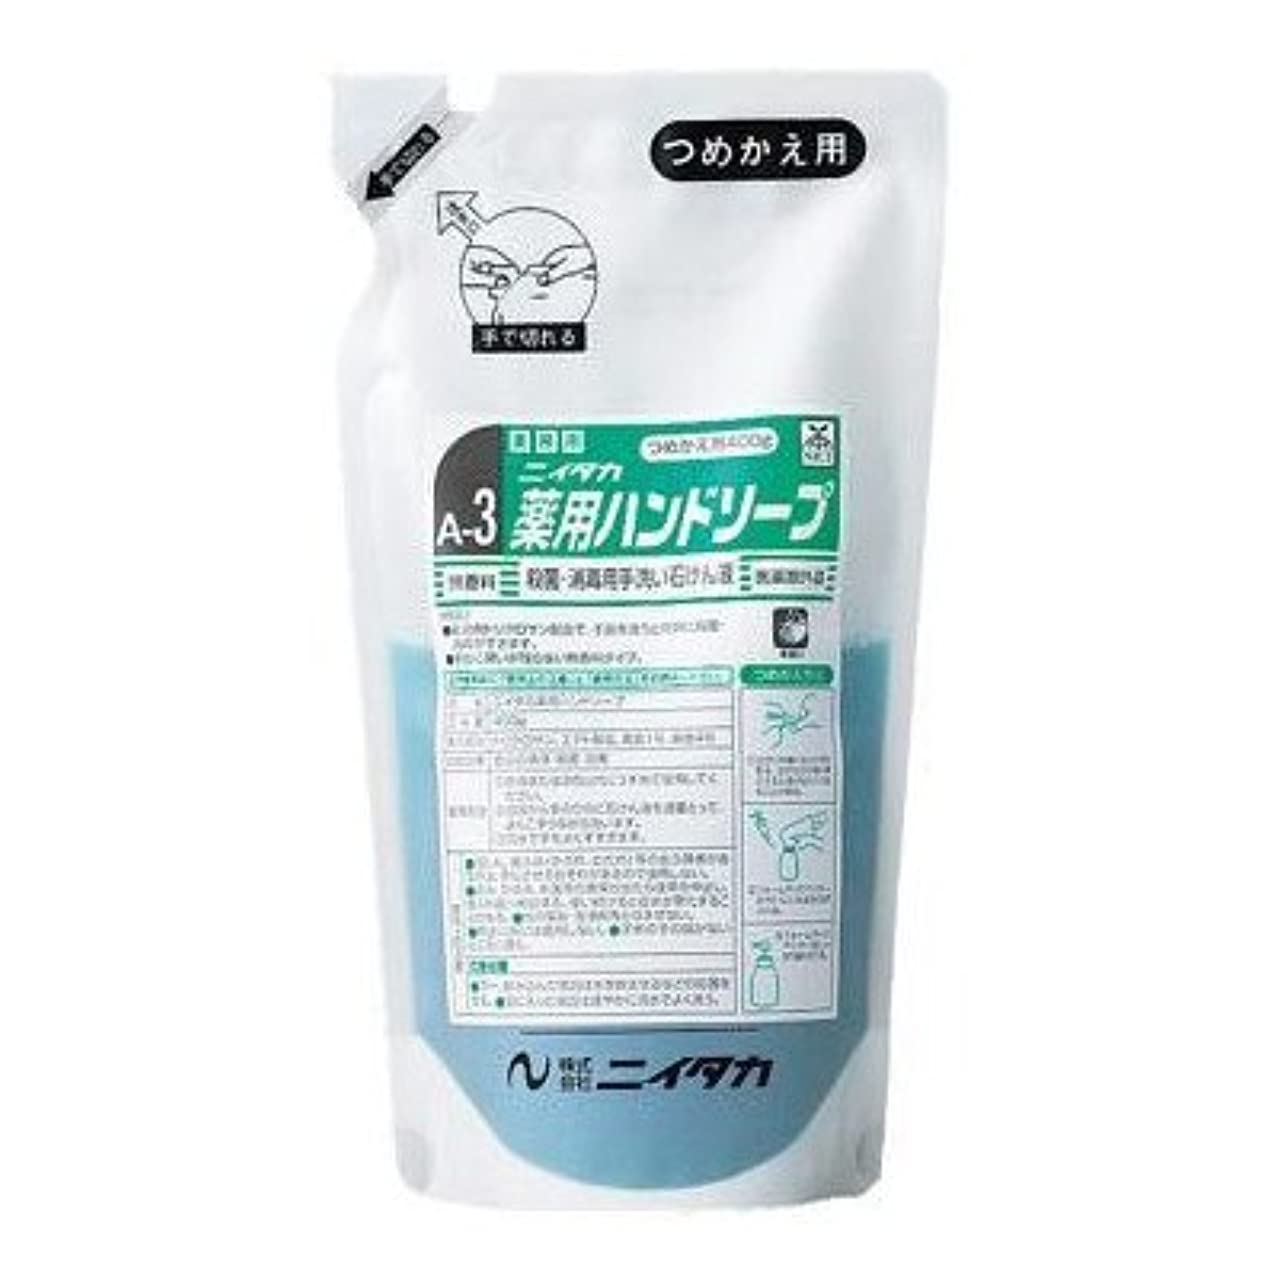 百万レンジポーズニイタカ 業務用手洗い石けん液 薬用ハンドソープ(A-3) 400g×6本